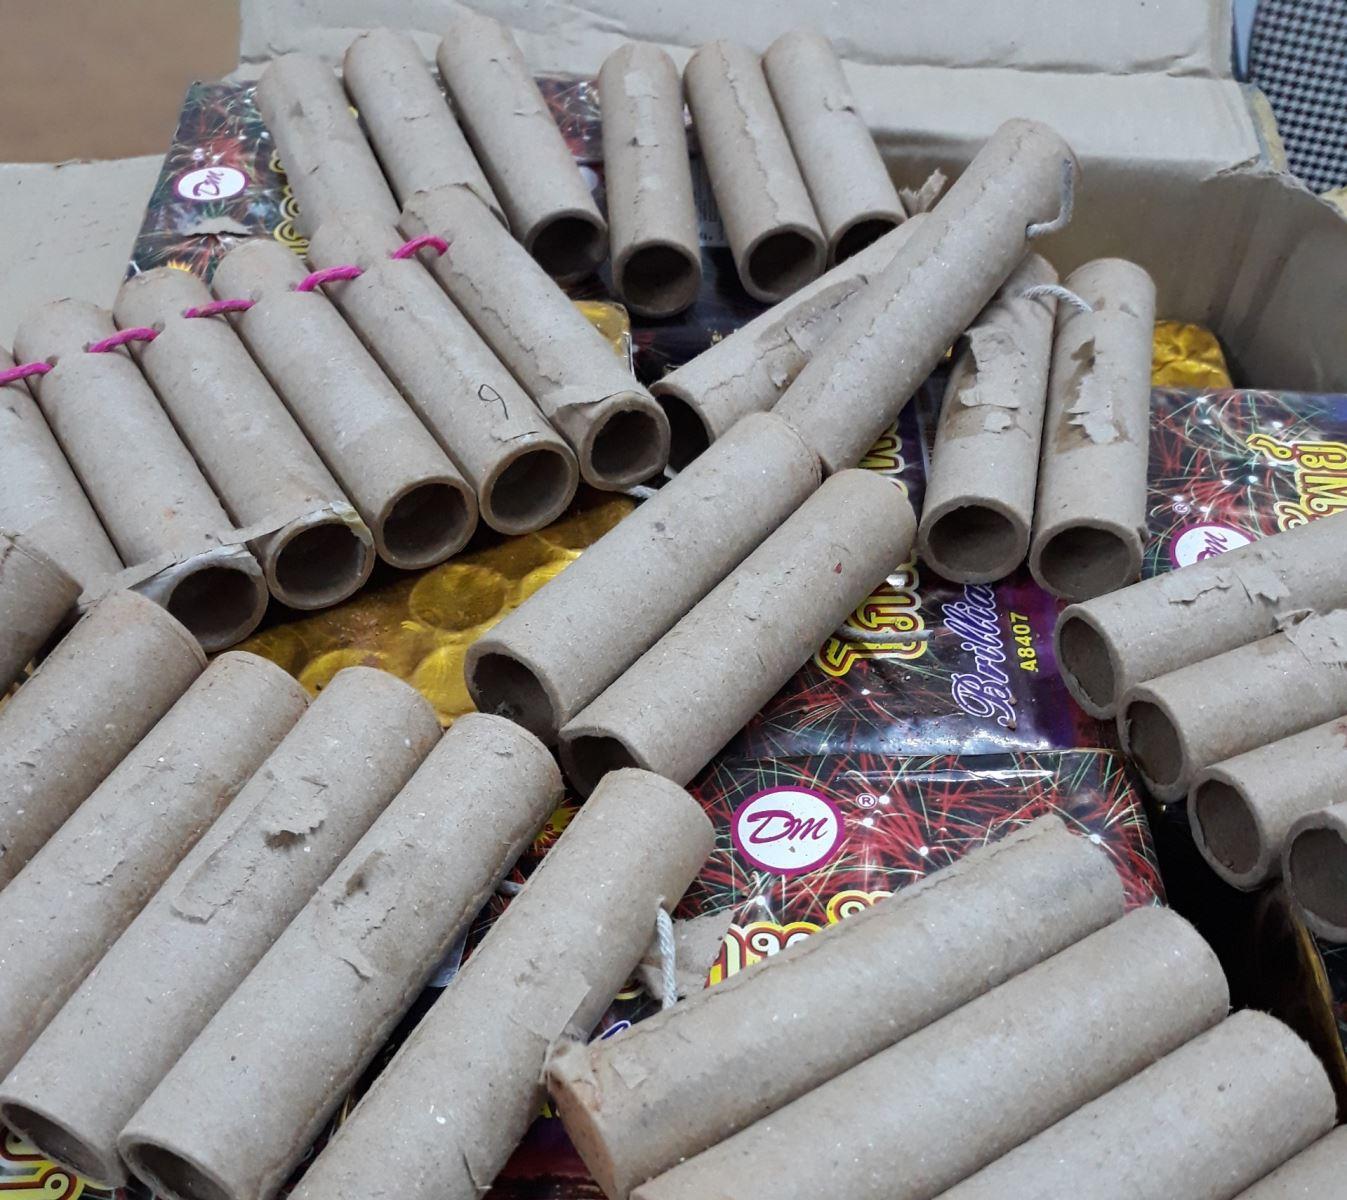 Nghệ An: Thu giữ hơn 50 kg pháo lậu các loại đang trên đường vận chuyển - Ảnh 1